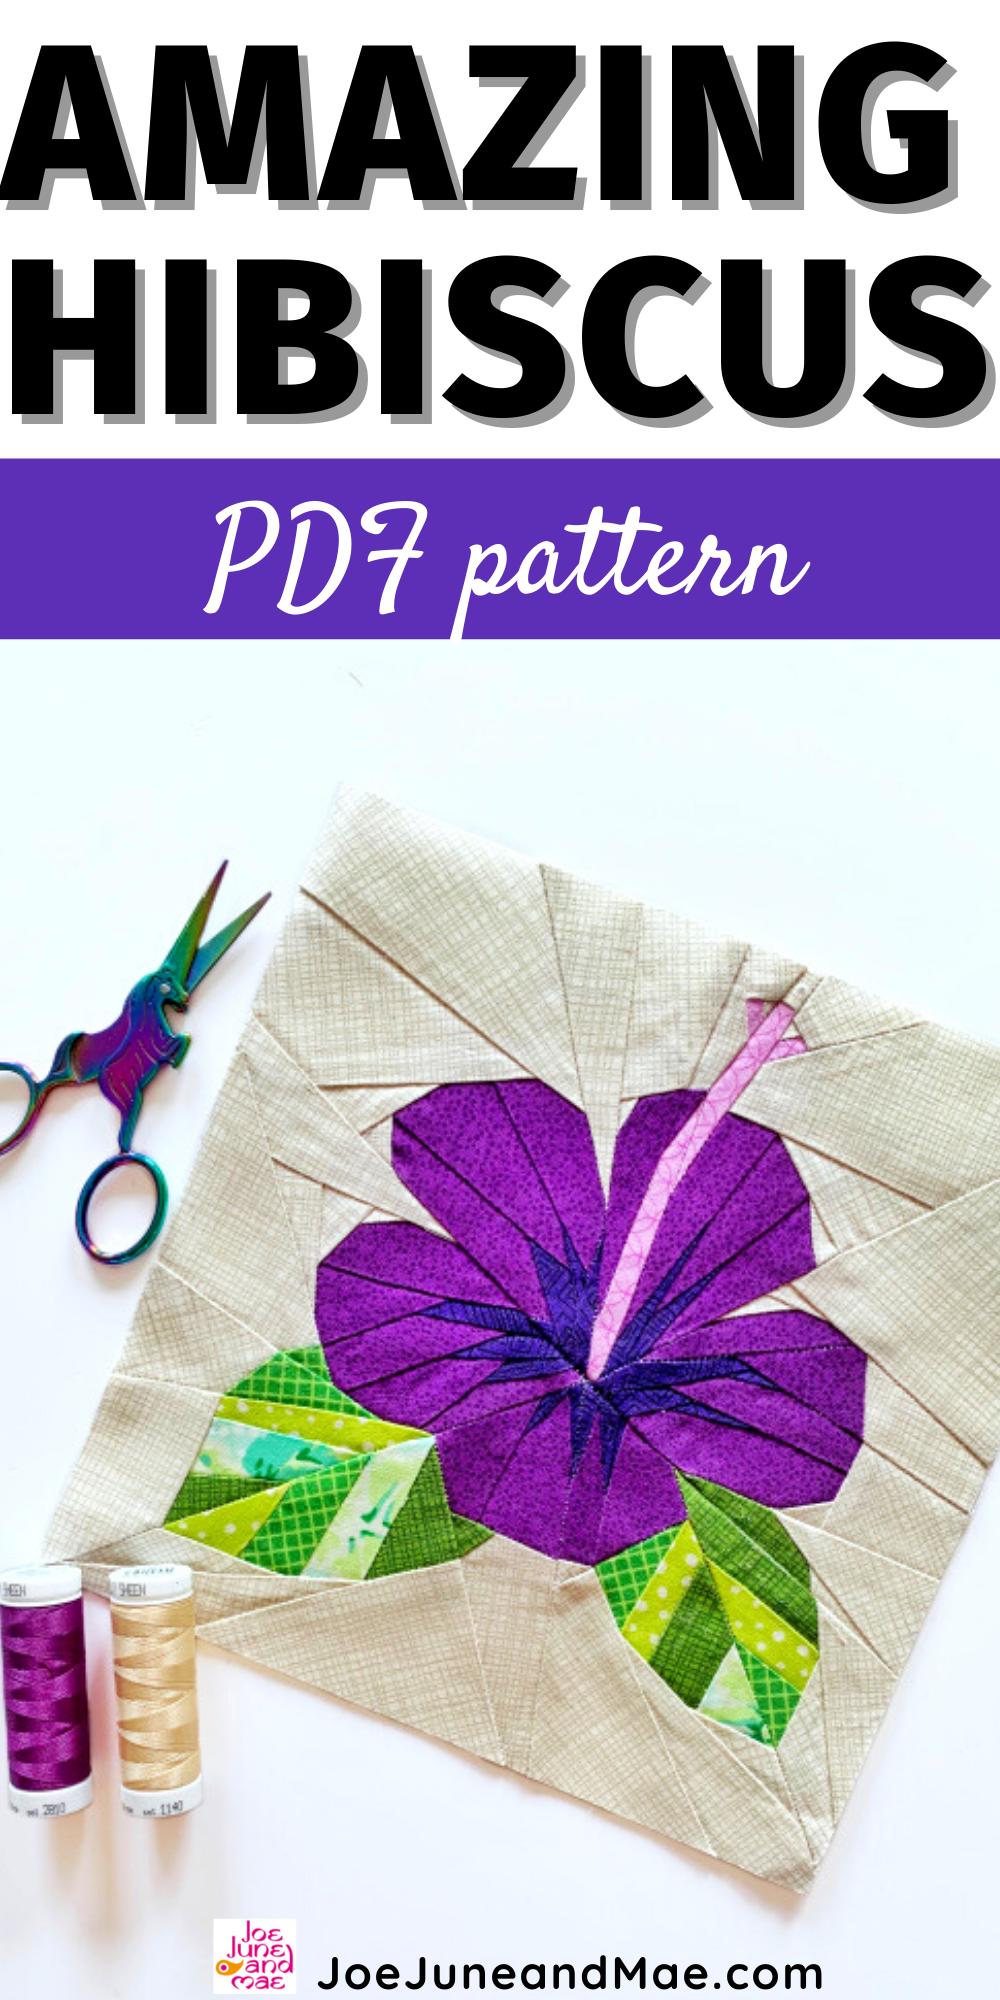 Amazing Hibiscus Pdf Pattern In 2020 Nahen Auf Papier